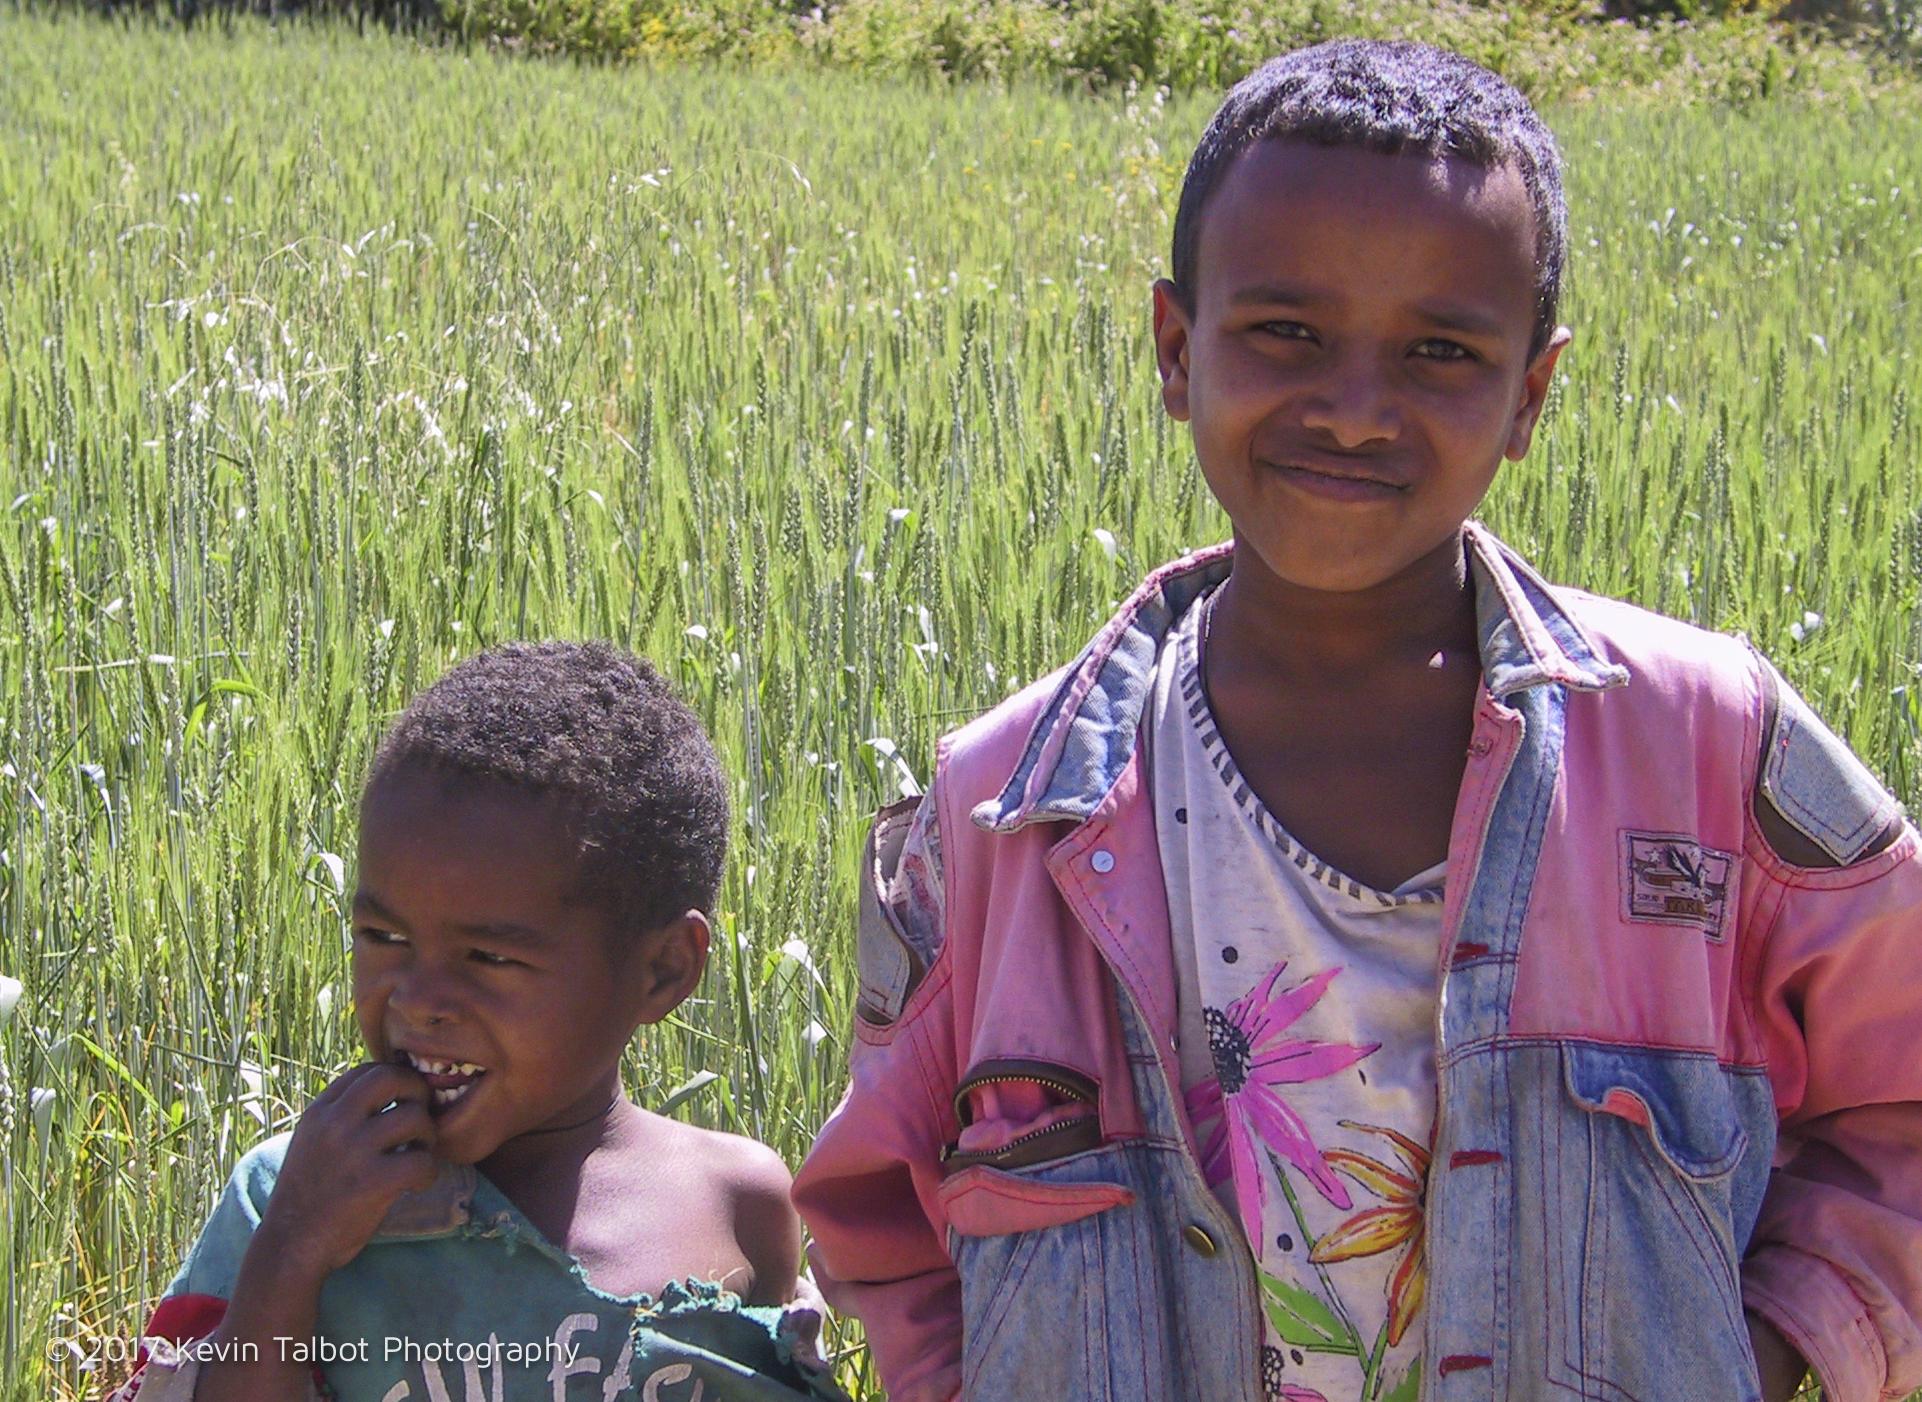 Ethiopia boys